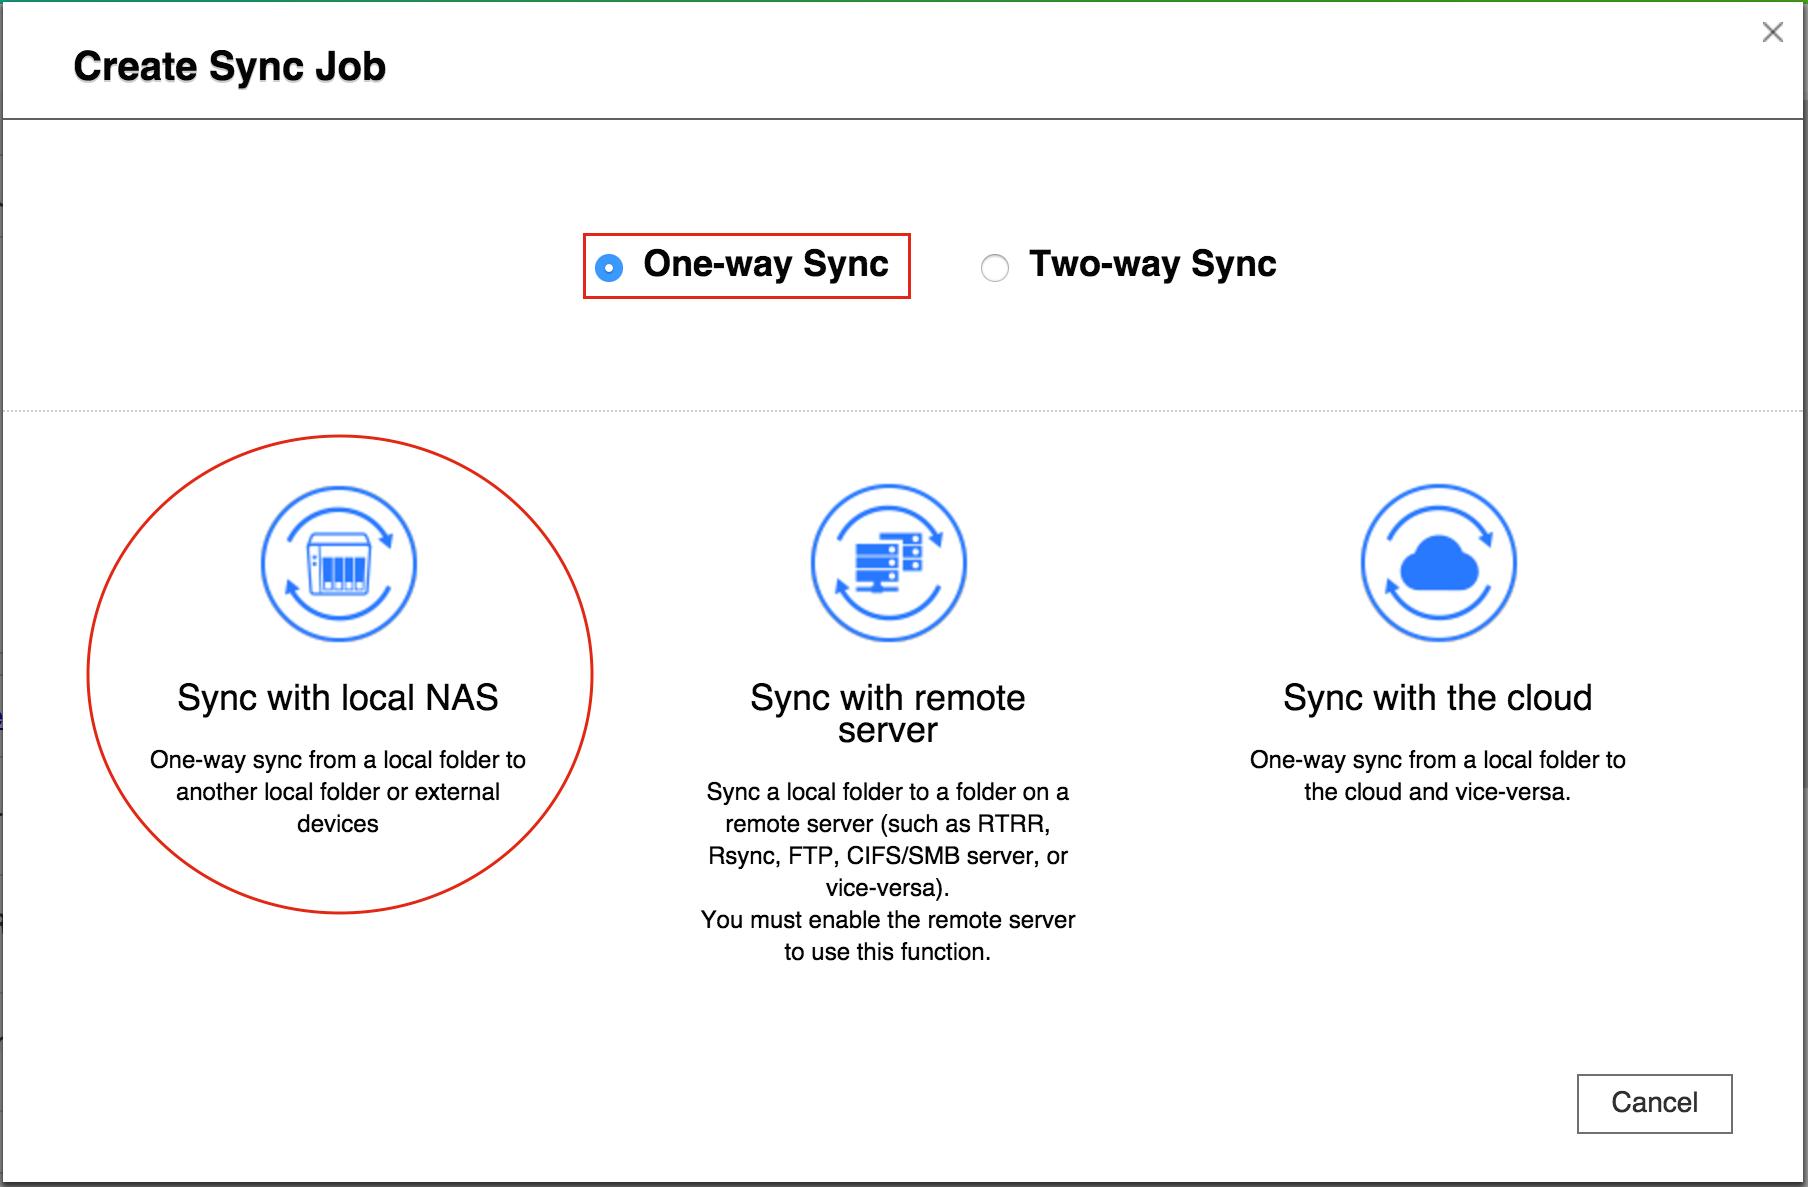 [Hướng dẫn]Sử dụng QNAP Hybrid Sync Backup để sao lưu / khôi phục / đồng bộ hóa dữ liệu - 172859